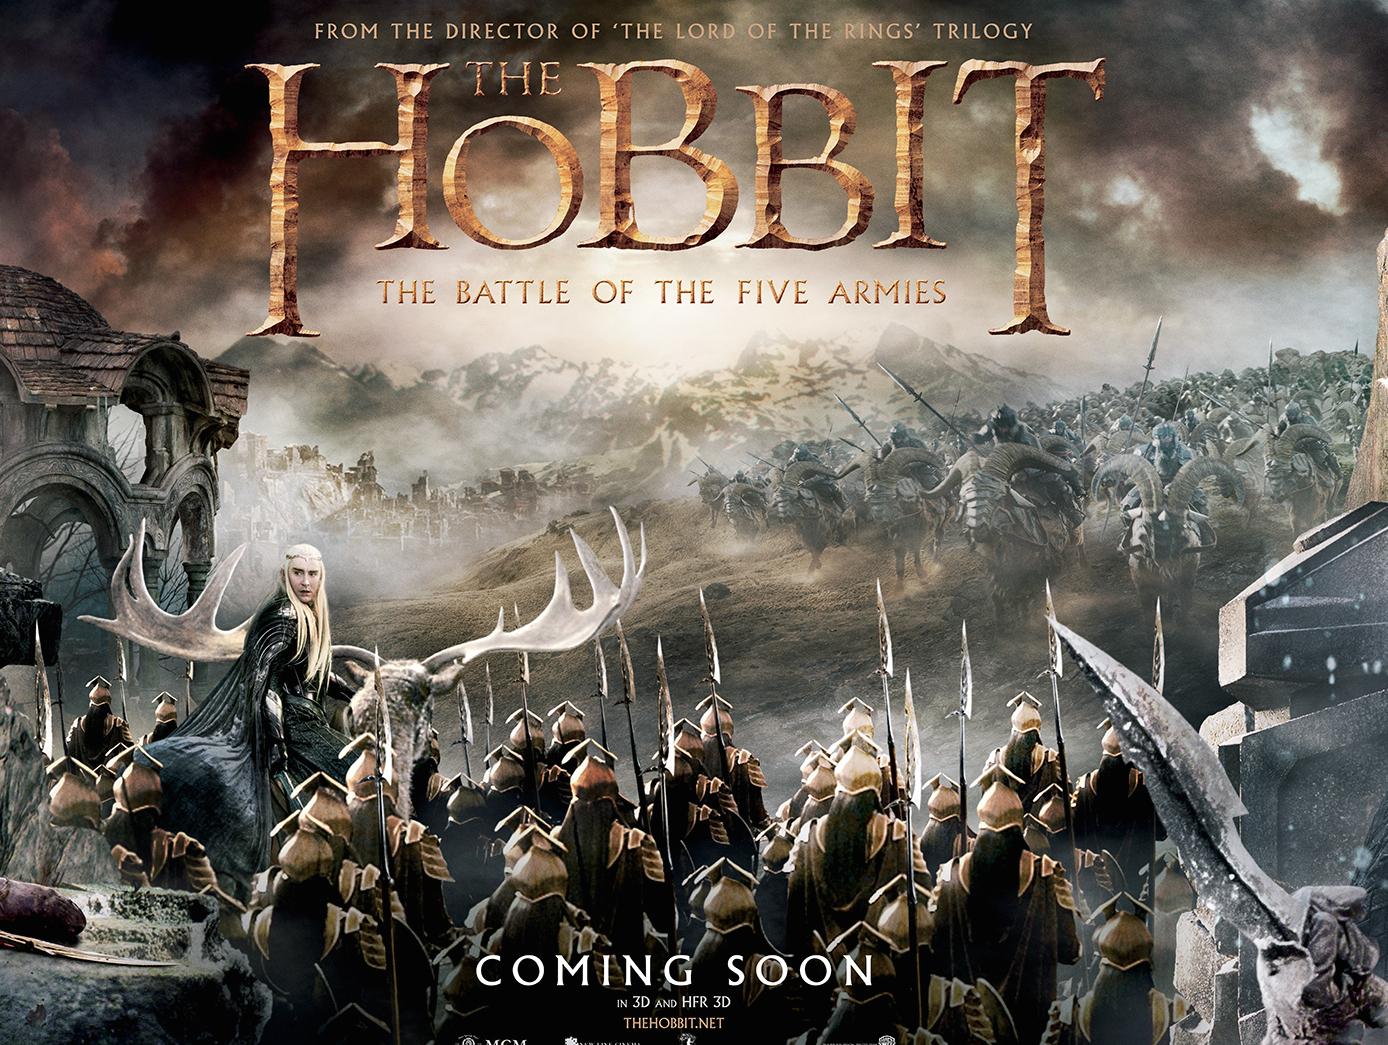 hobbit-battle-five-armies-banner-thranduill-banner.jpg